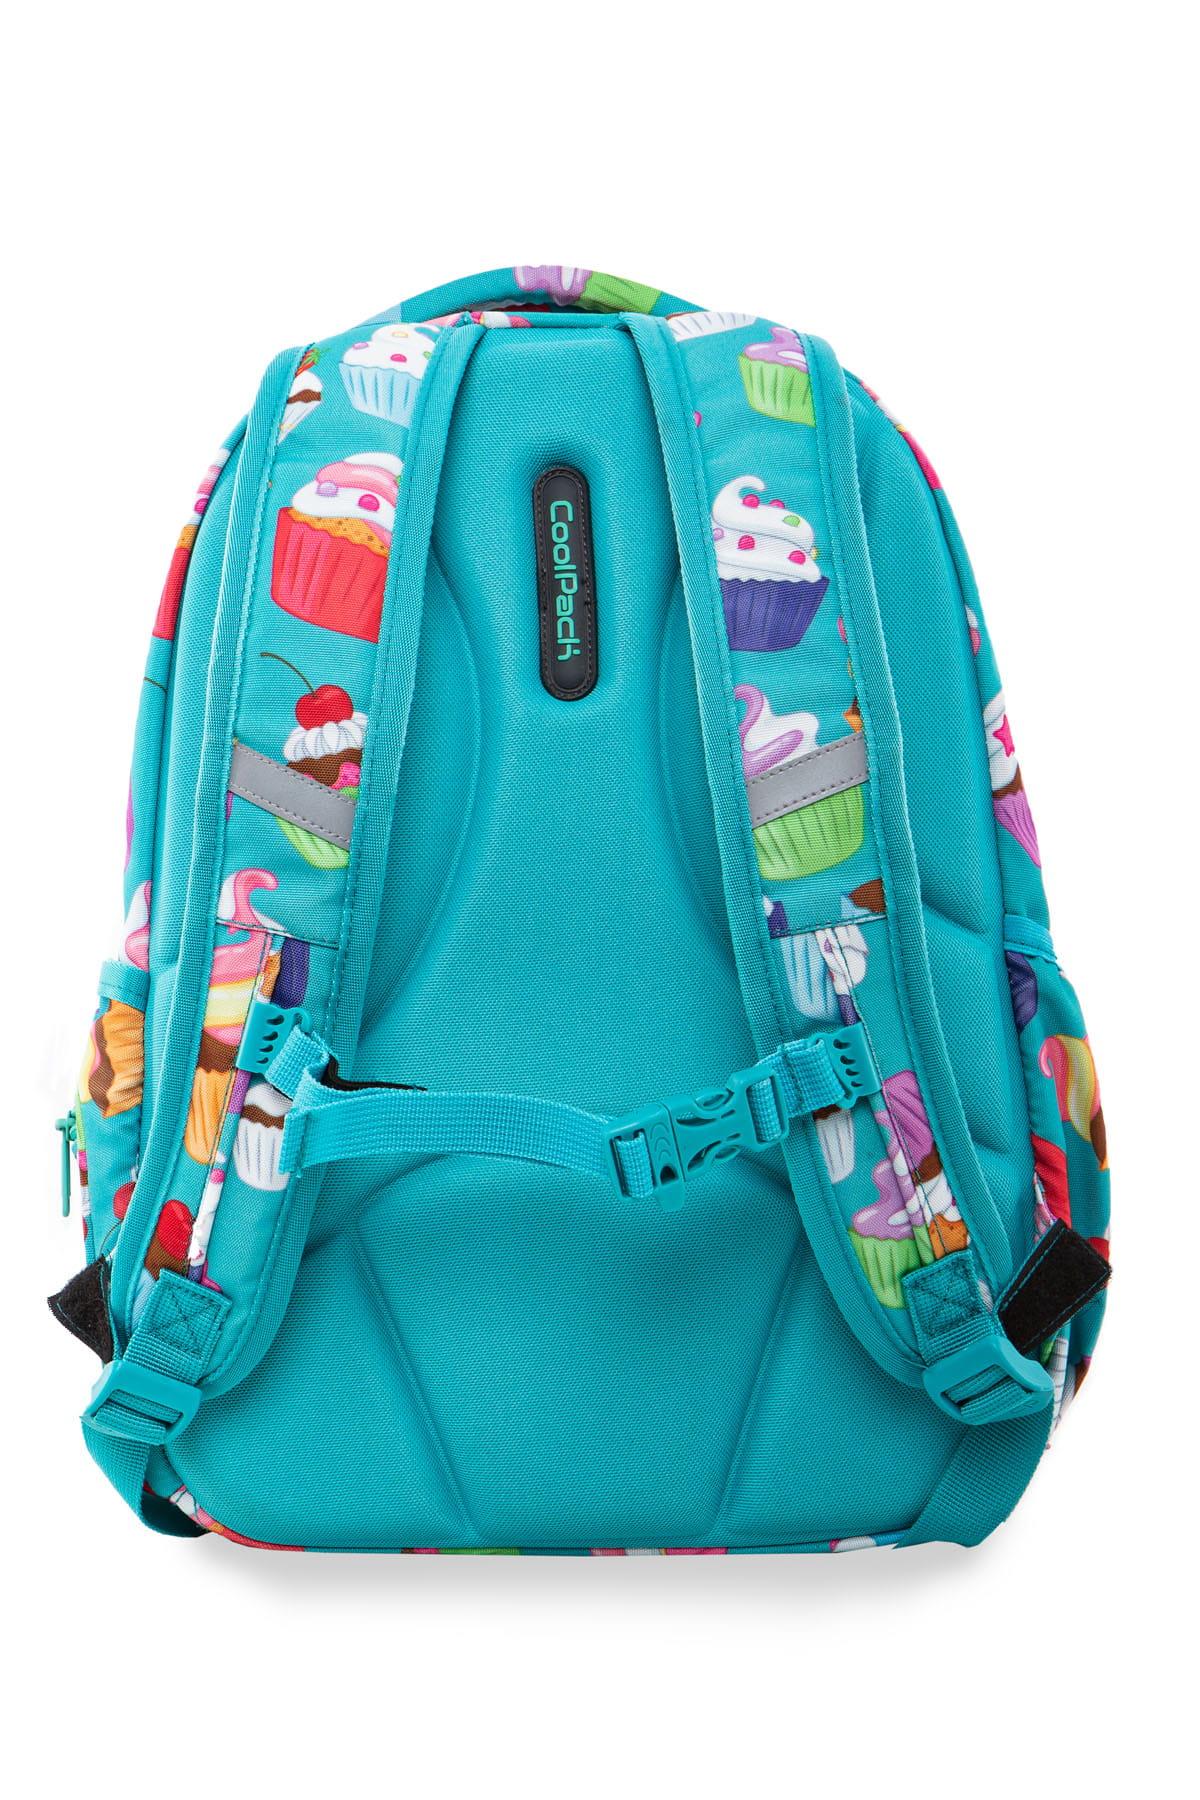 8015e12afe55b Plecak szkolny Coolpack Joy M LED CUPCAKES A20203